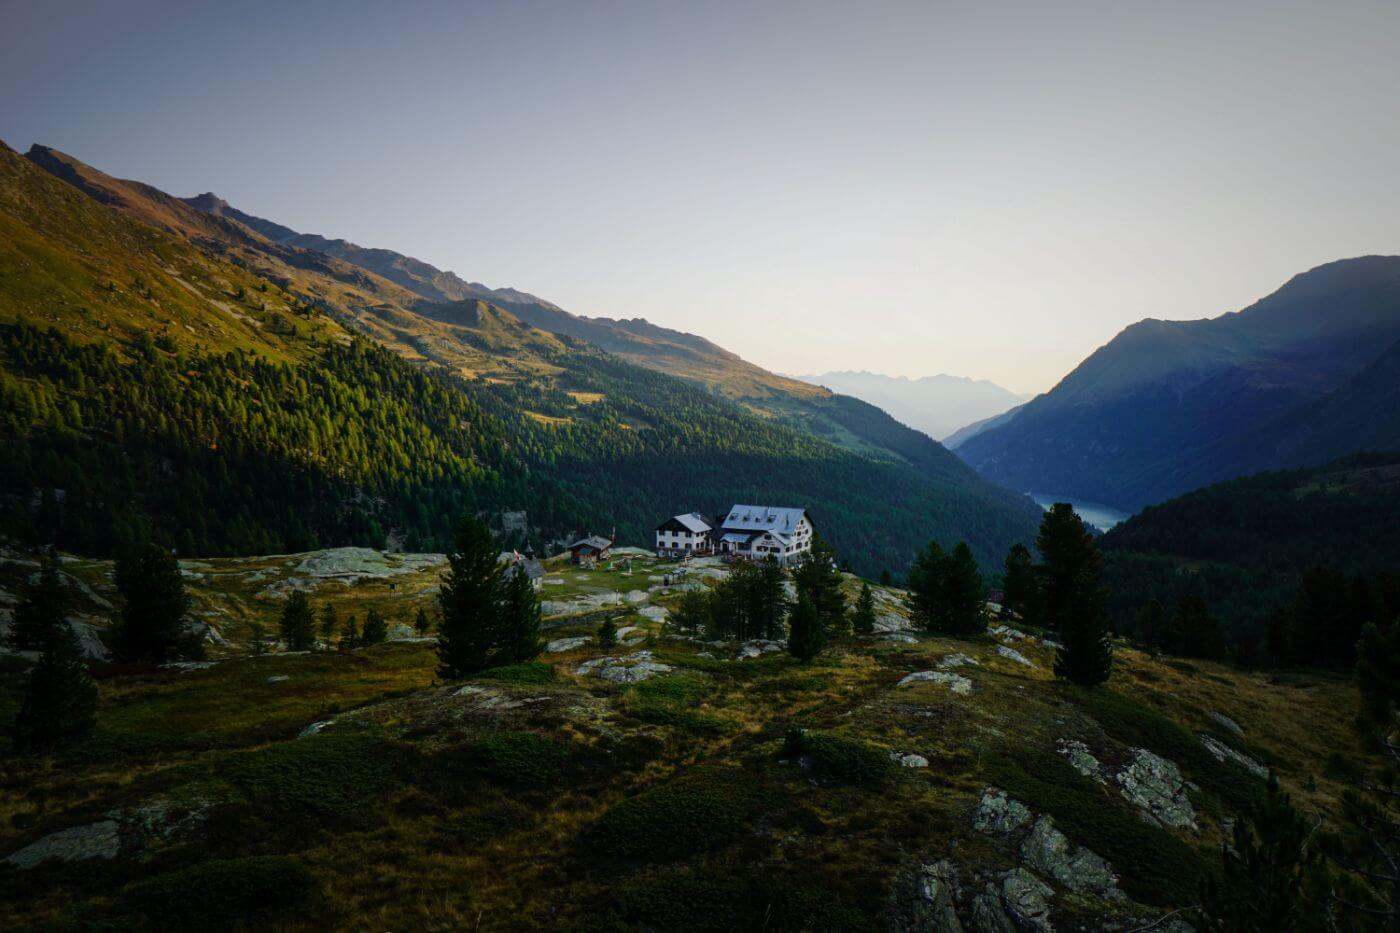 Zufallhütte, Martell Valley, Italian Alps, Val Venosta